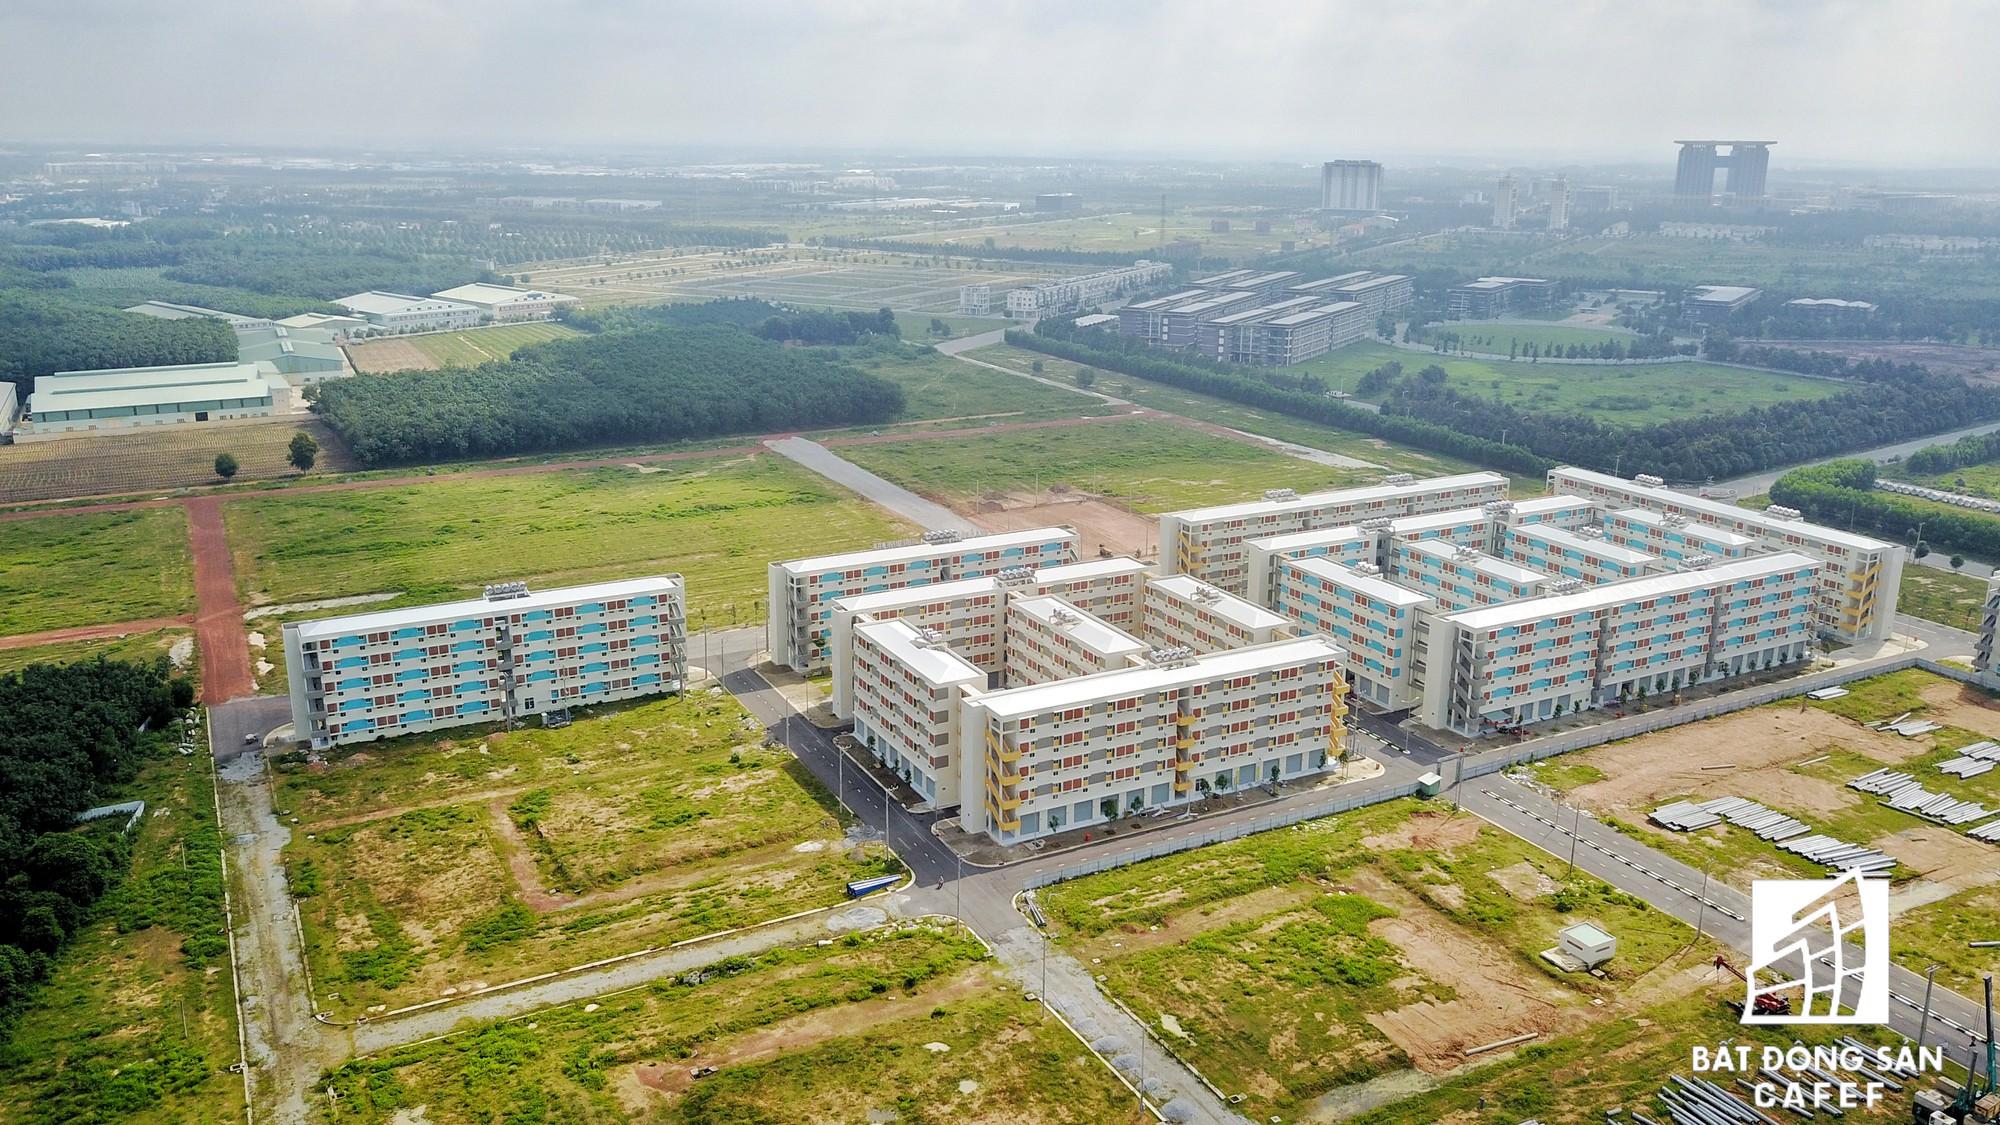 Bên trong thành phố mới Bình Dương, Becamex khá thành công với mô hình xây dựng nhà ở giá rẻ 100 triệu đồng. Doanh nghiệp này đang đầu tư giai đoạn 2 với hàng nghìn căn như thế này.